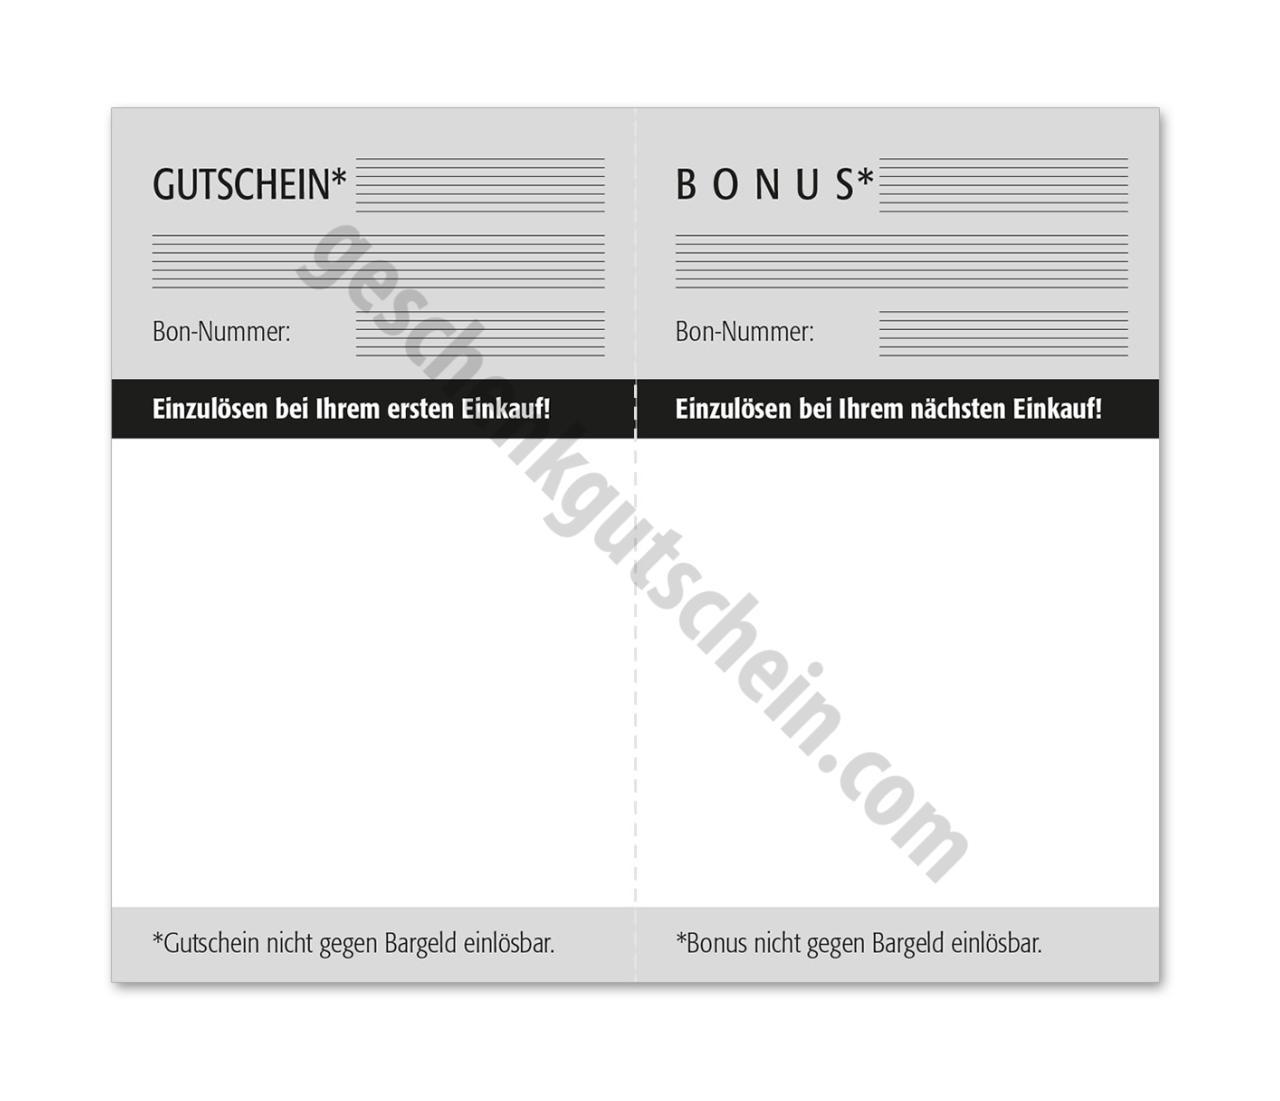 u611 empfehlungskarte mit den sch nsten geschenkgutscheinen und. Black Bedroom Furniture Sets. Home Design Ideas